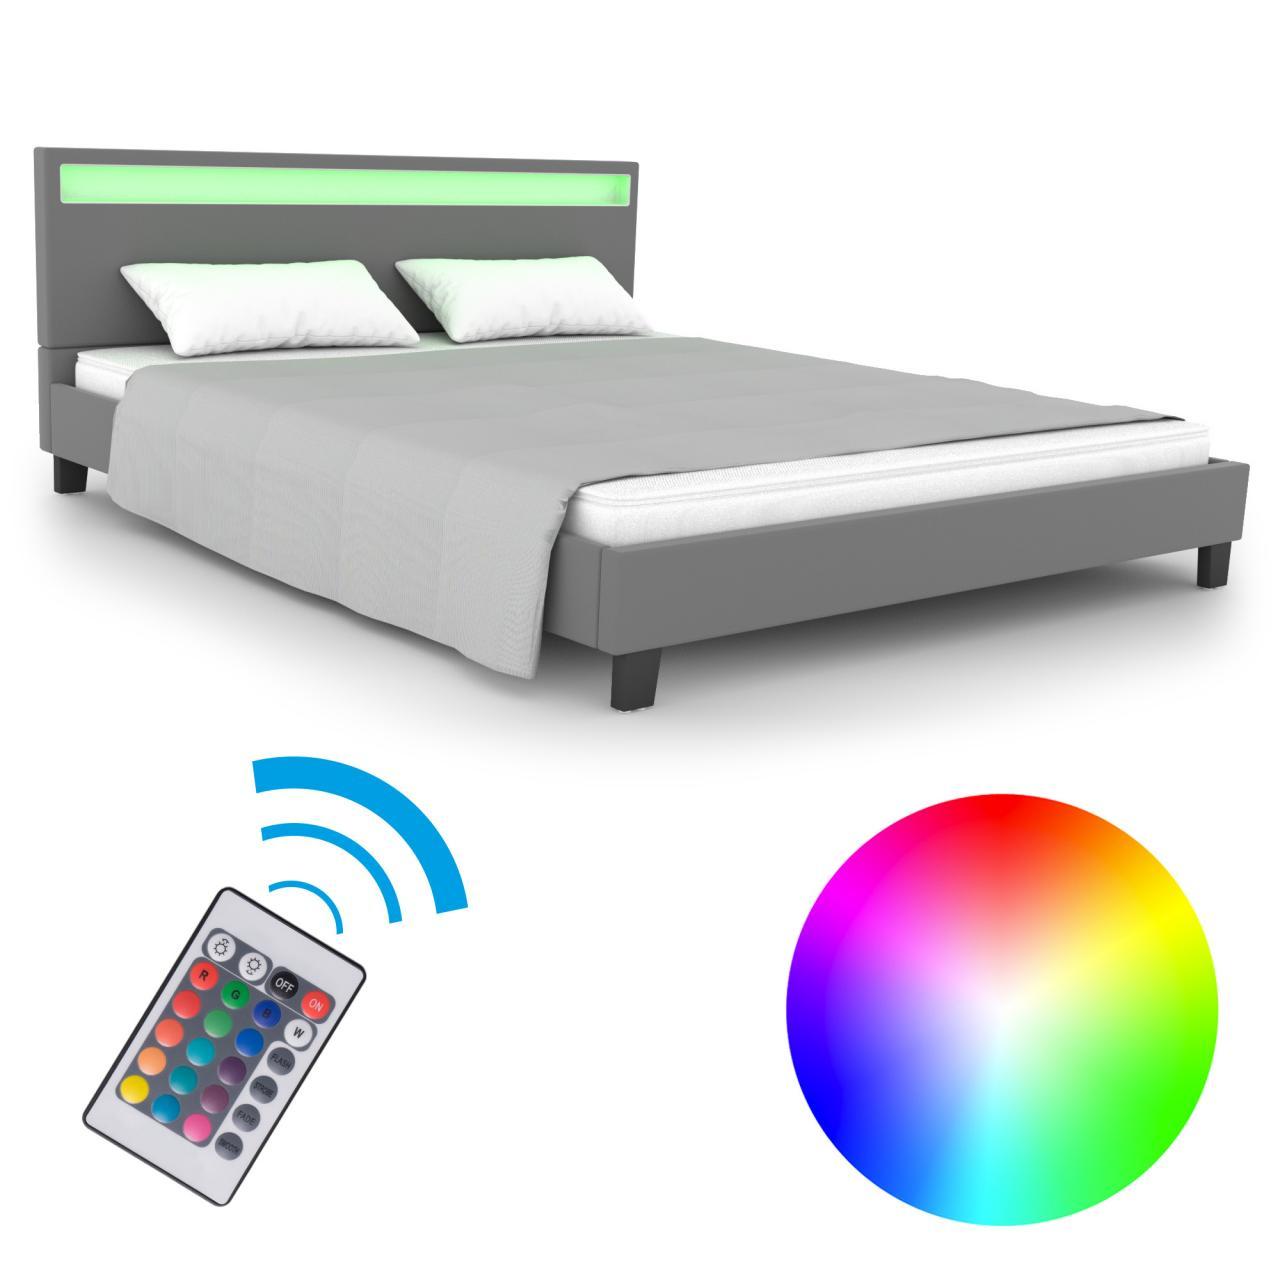 Homelux-LED-Bett-Polsterbett-Doppelbett-Kunstlederbett-Bettgestell-Bettrahmen